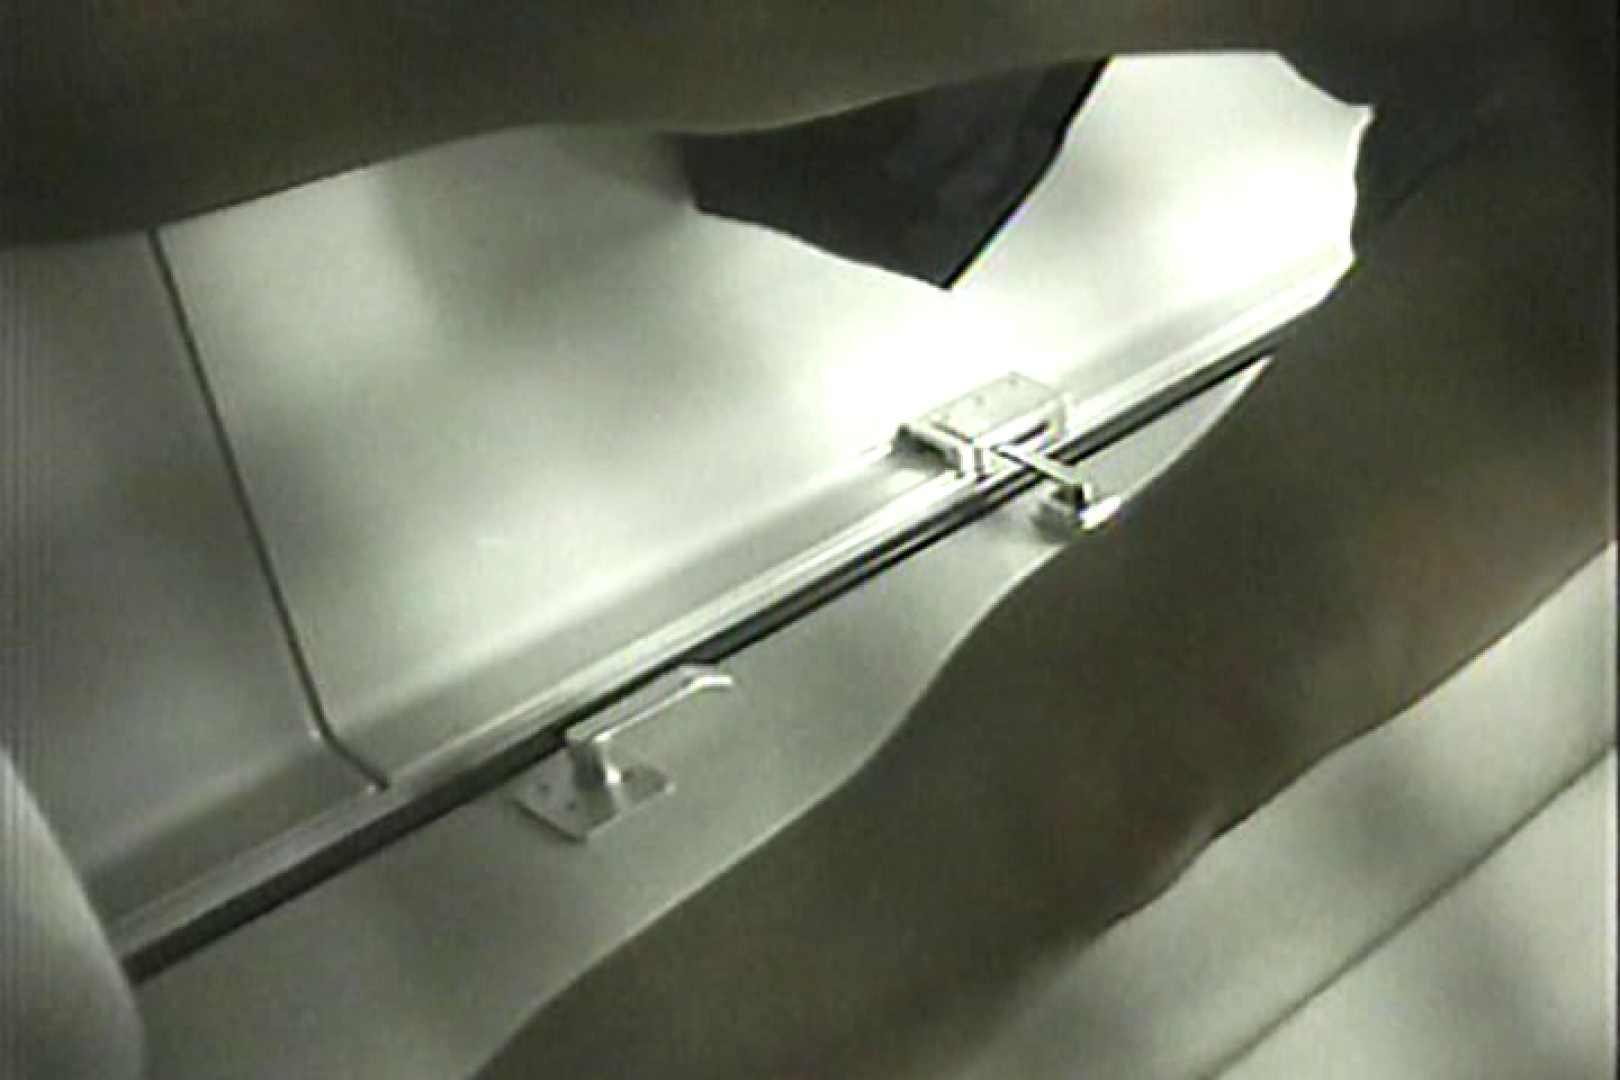 車内洗面所盗撮 電車ゆれればお尻もゆれる TK-98 盗撮師作品 オメコ動画キャプチャ 101pic 2